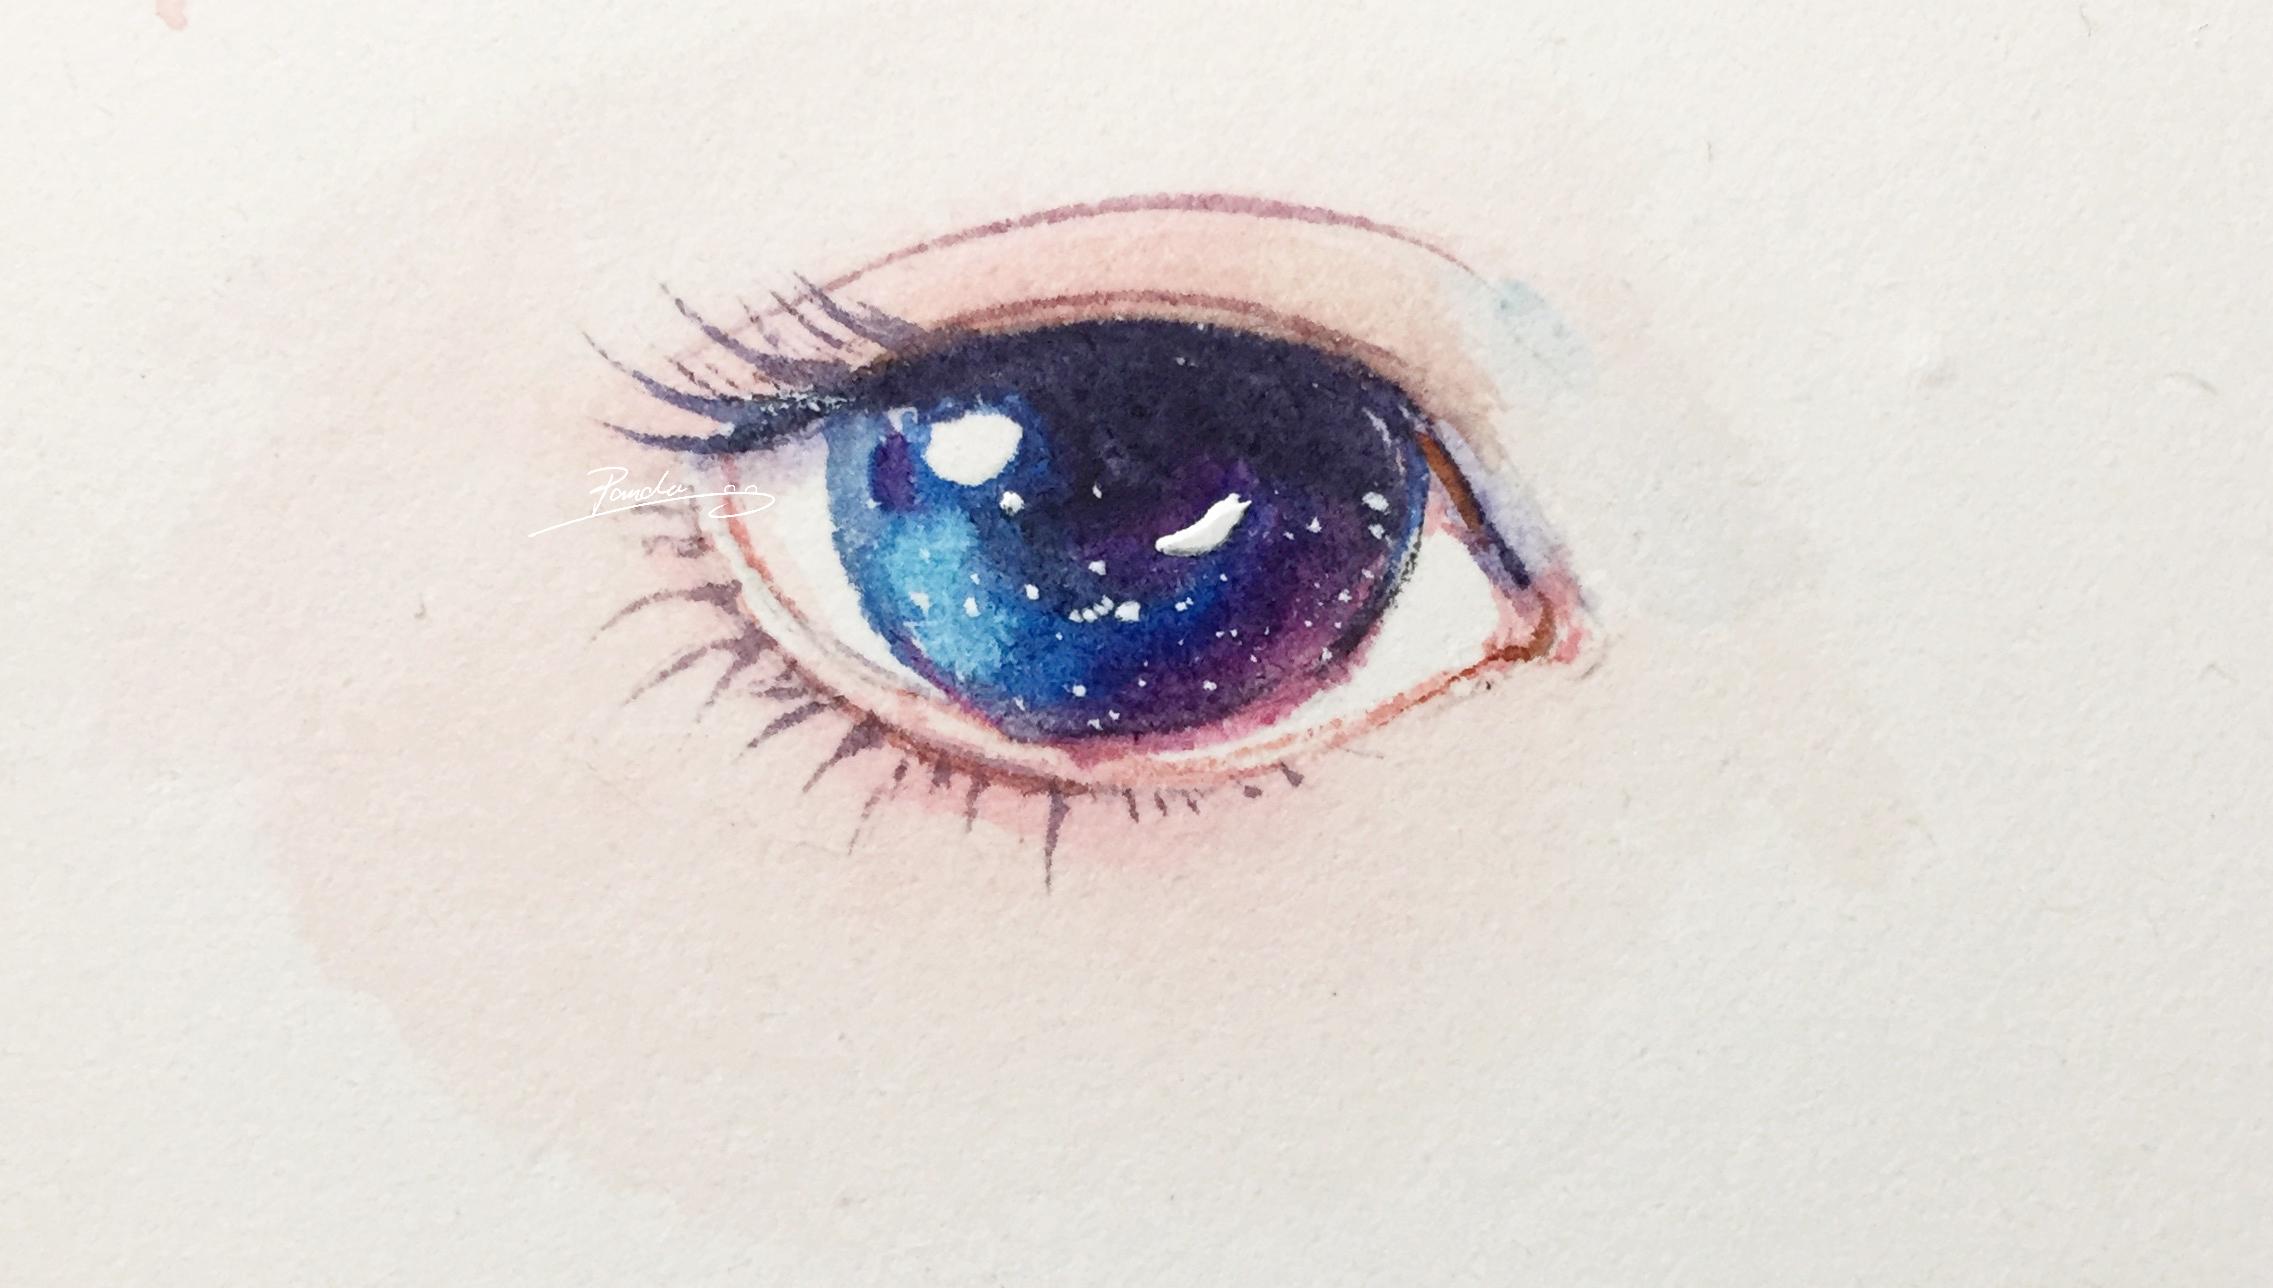 【小熊猫】水彩手绘人物水彩五官眼睛教程人物卡通头像手绘水彩步骤